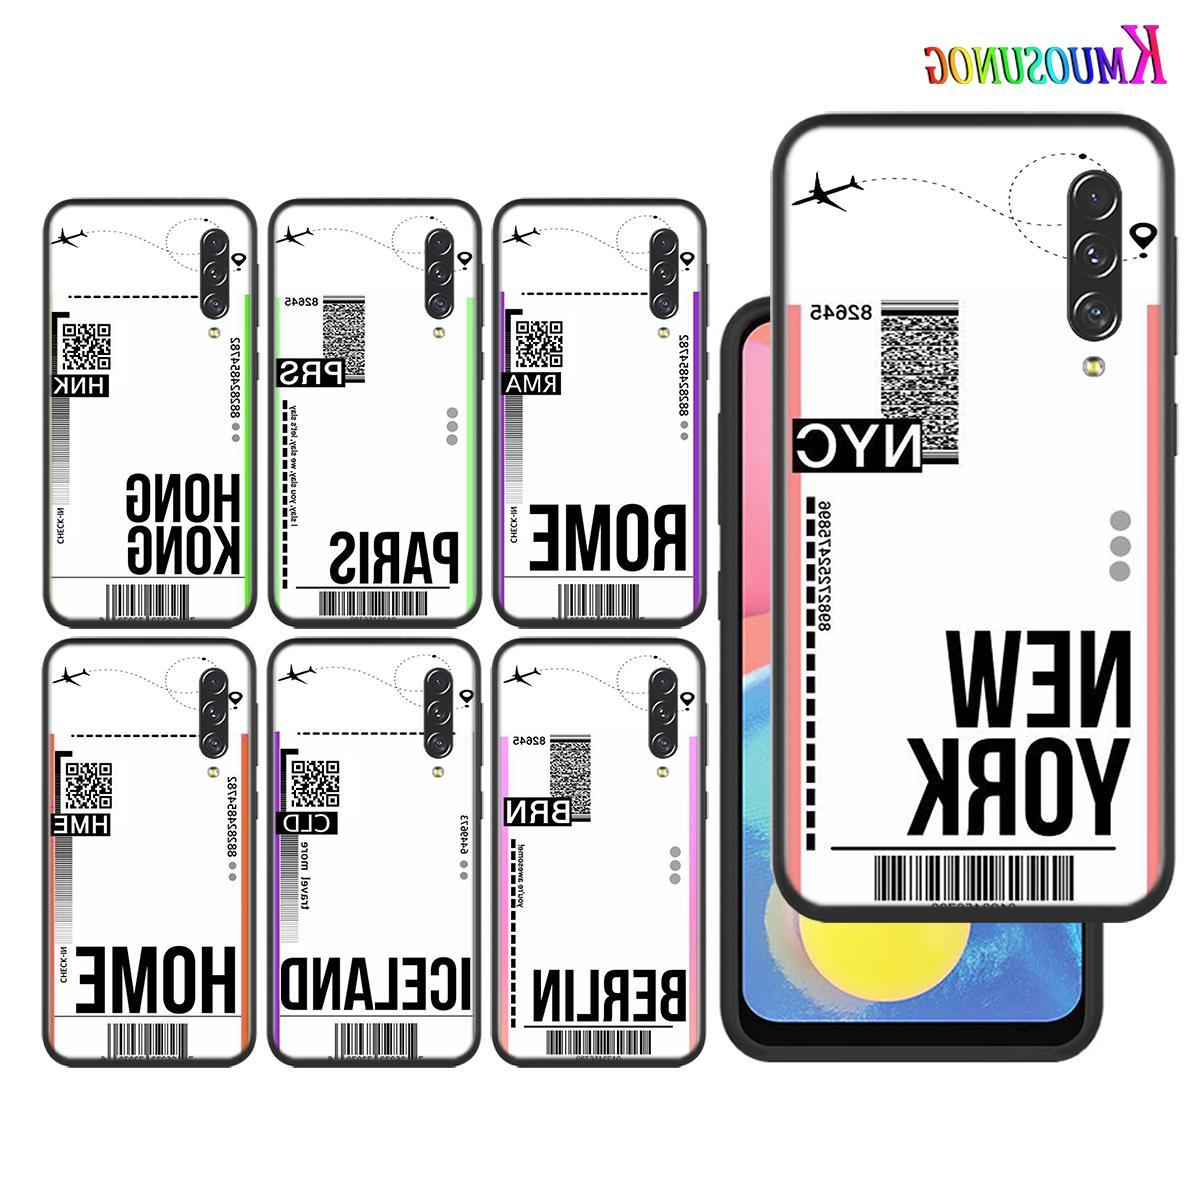 Silikonhülle First Class Flugticket für Samsung Galaxy A90 A80 A70 A60 A50 A40 A10 A20E A2Core M20 Schwarz-Telefon-Kasten